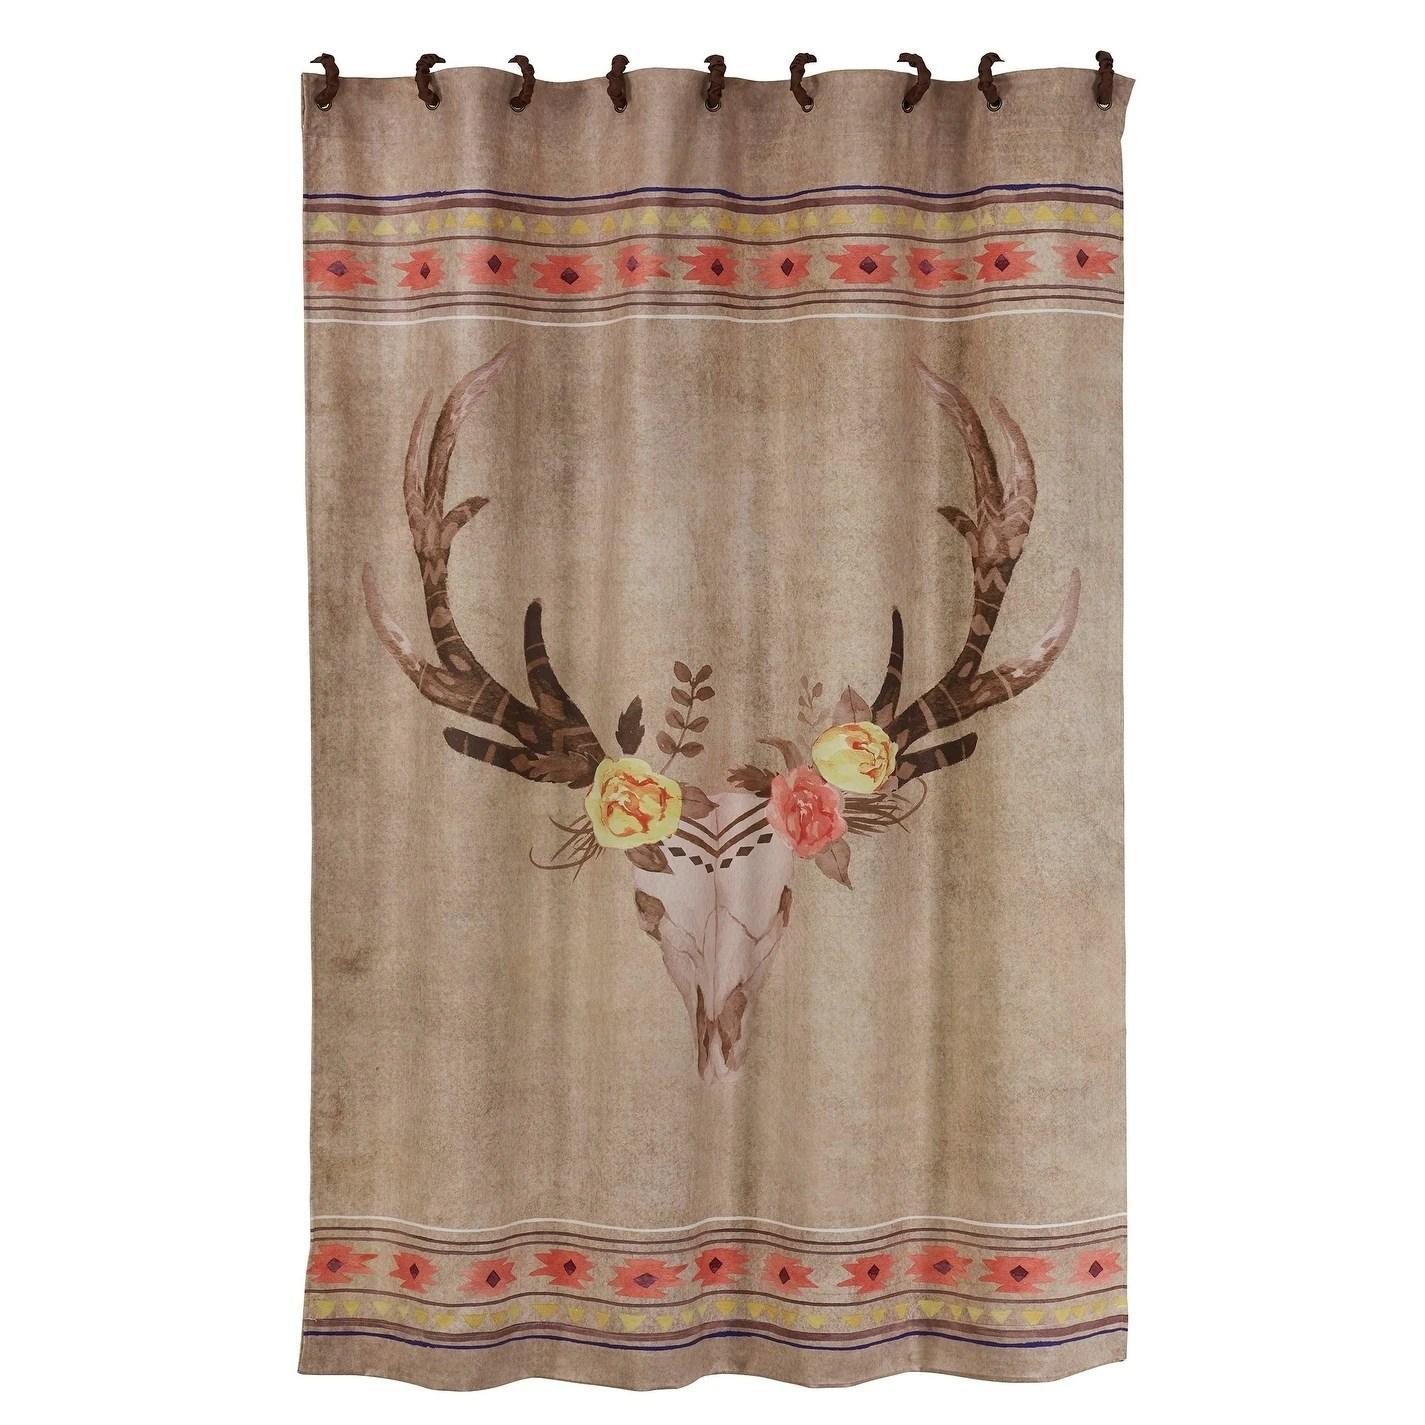 hiend accents desert skull shower curtain 72x72